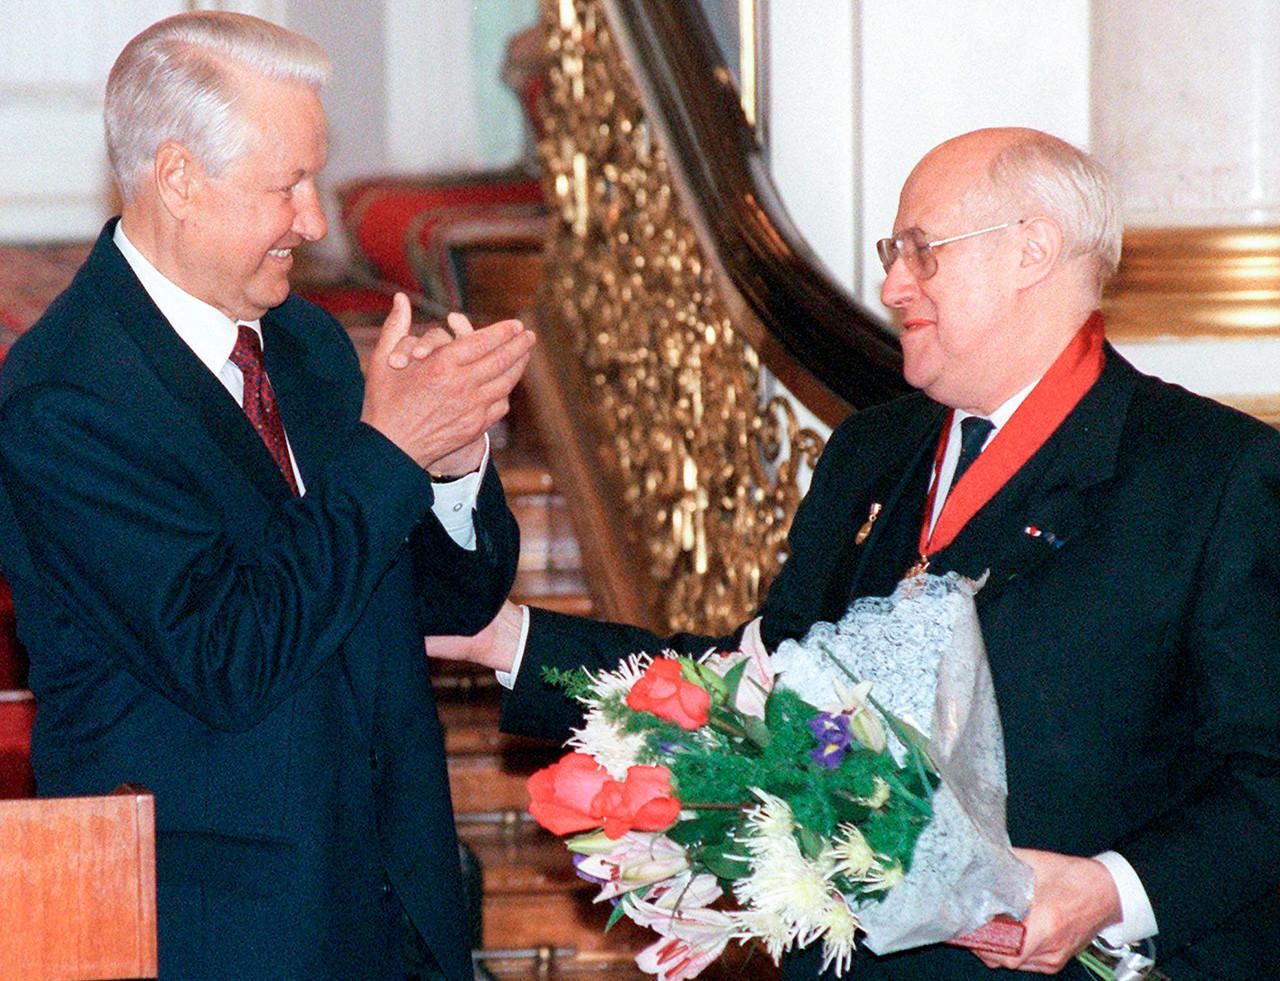 Mstislaw Rostropowitsch und Boris Jelzin